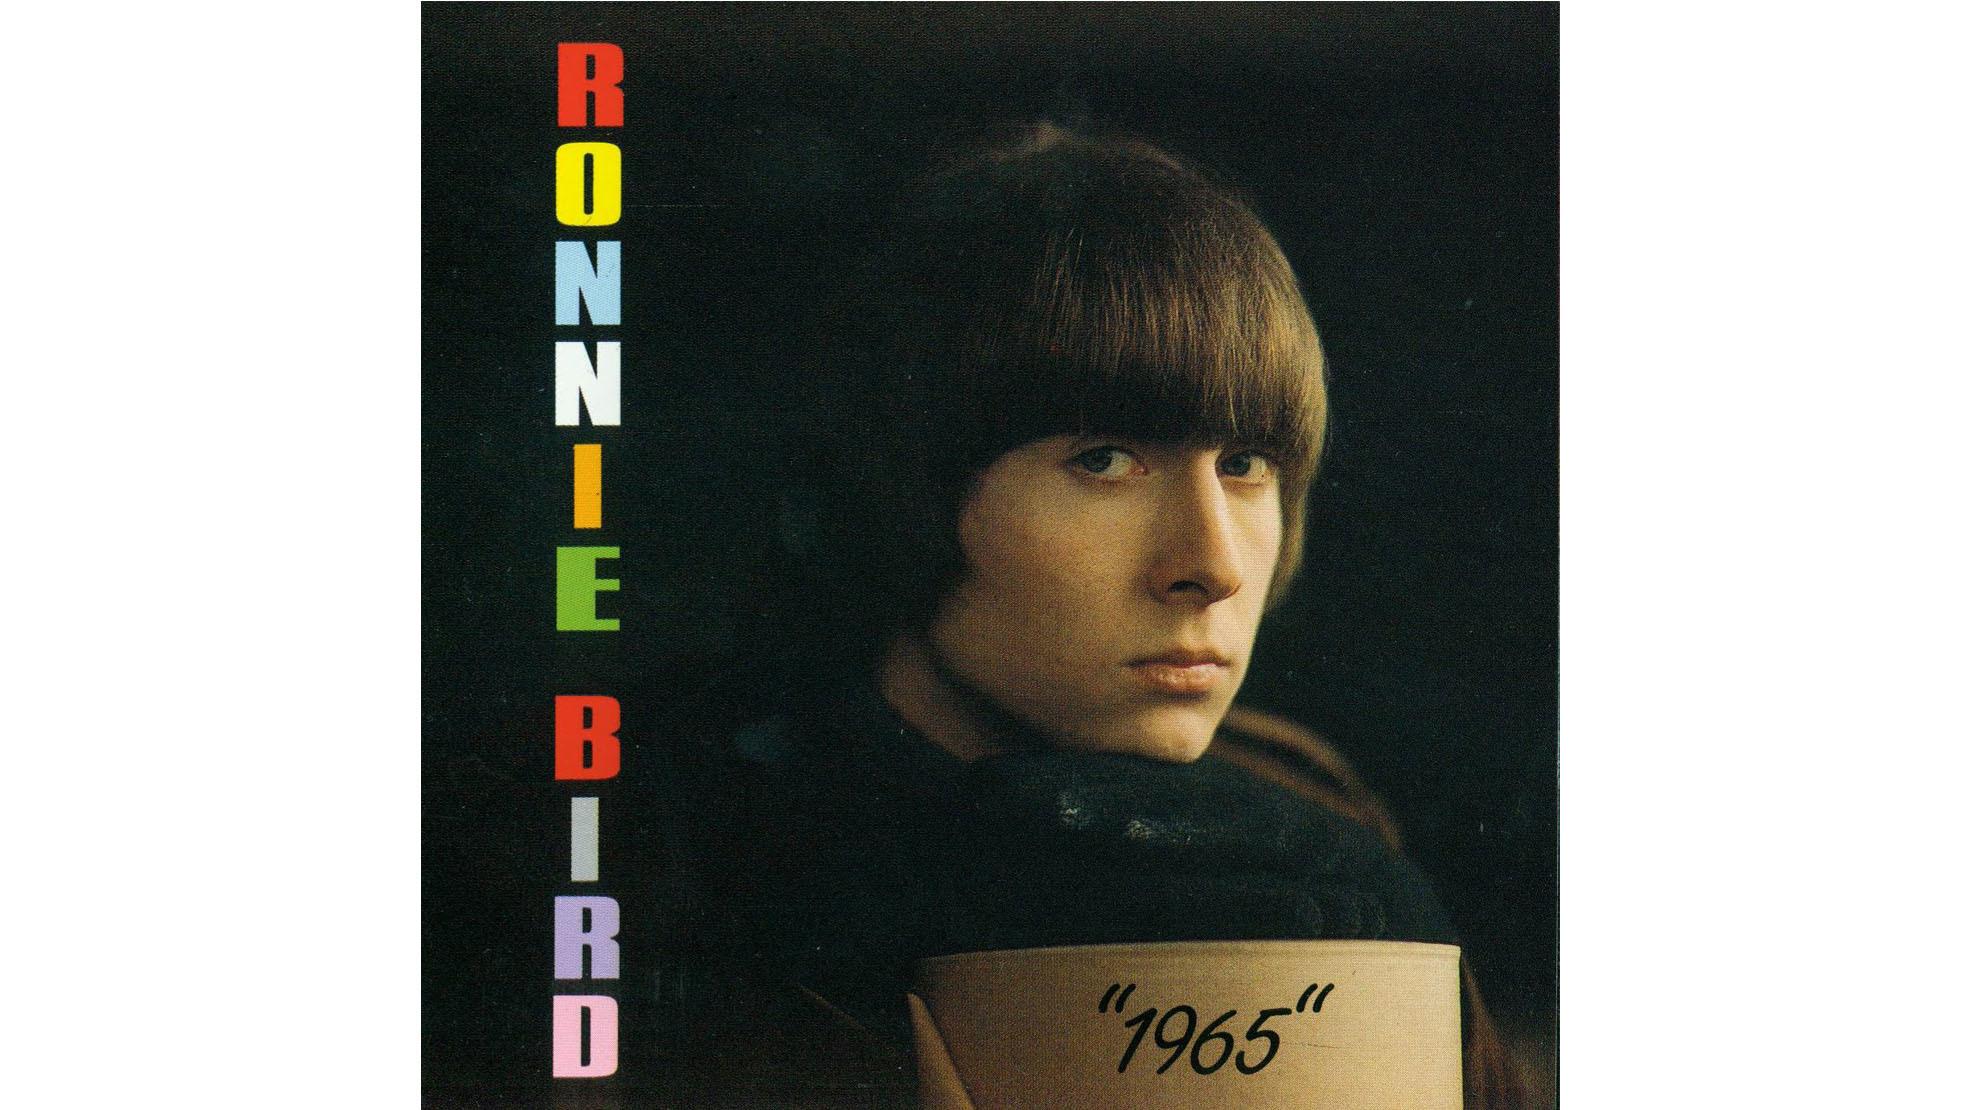 Pochette Ronnie Bird dossier